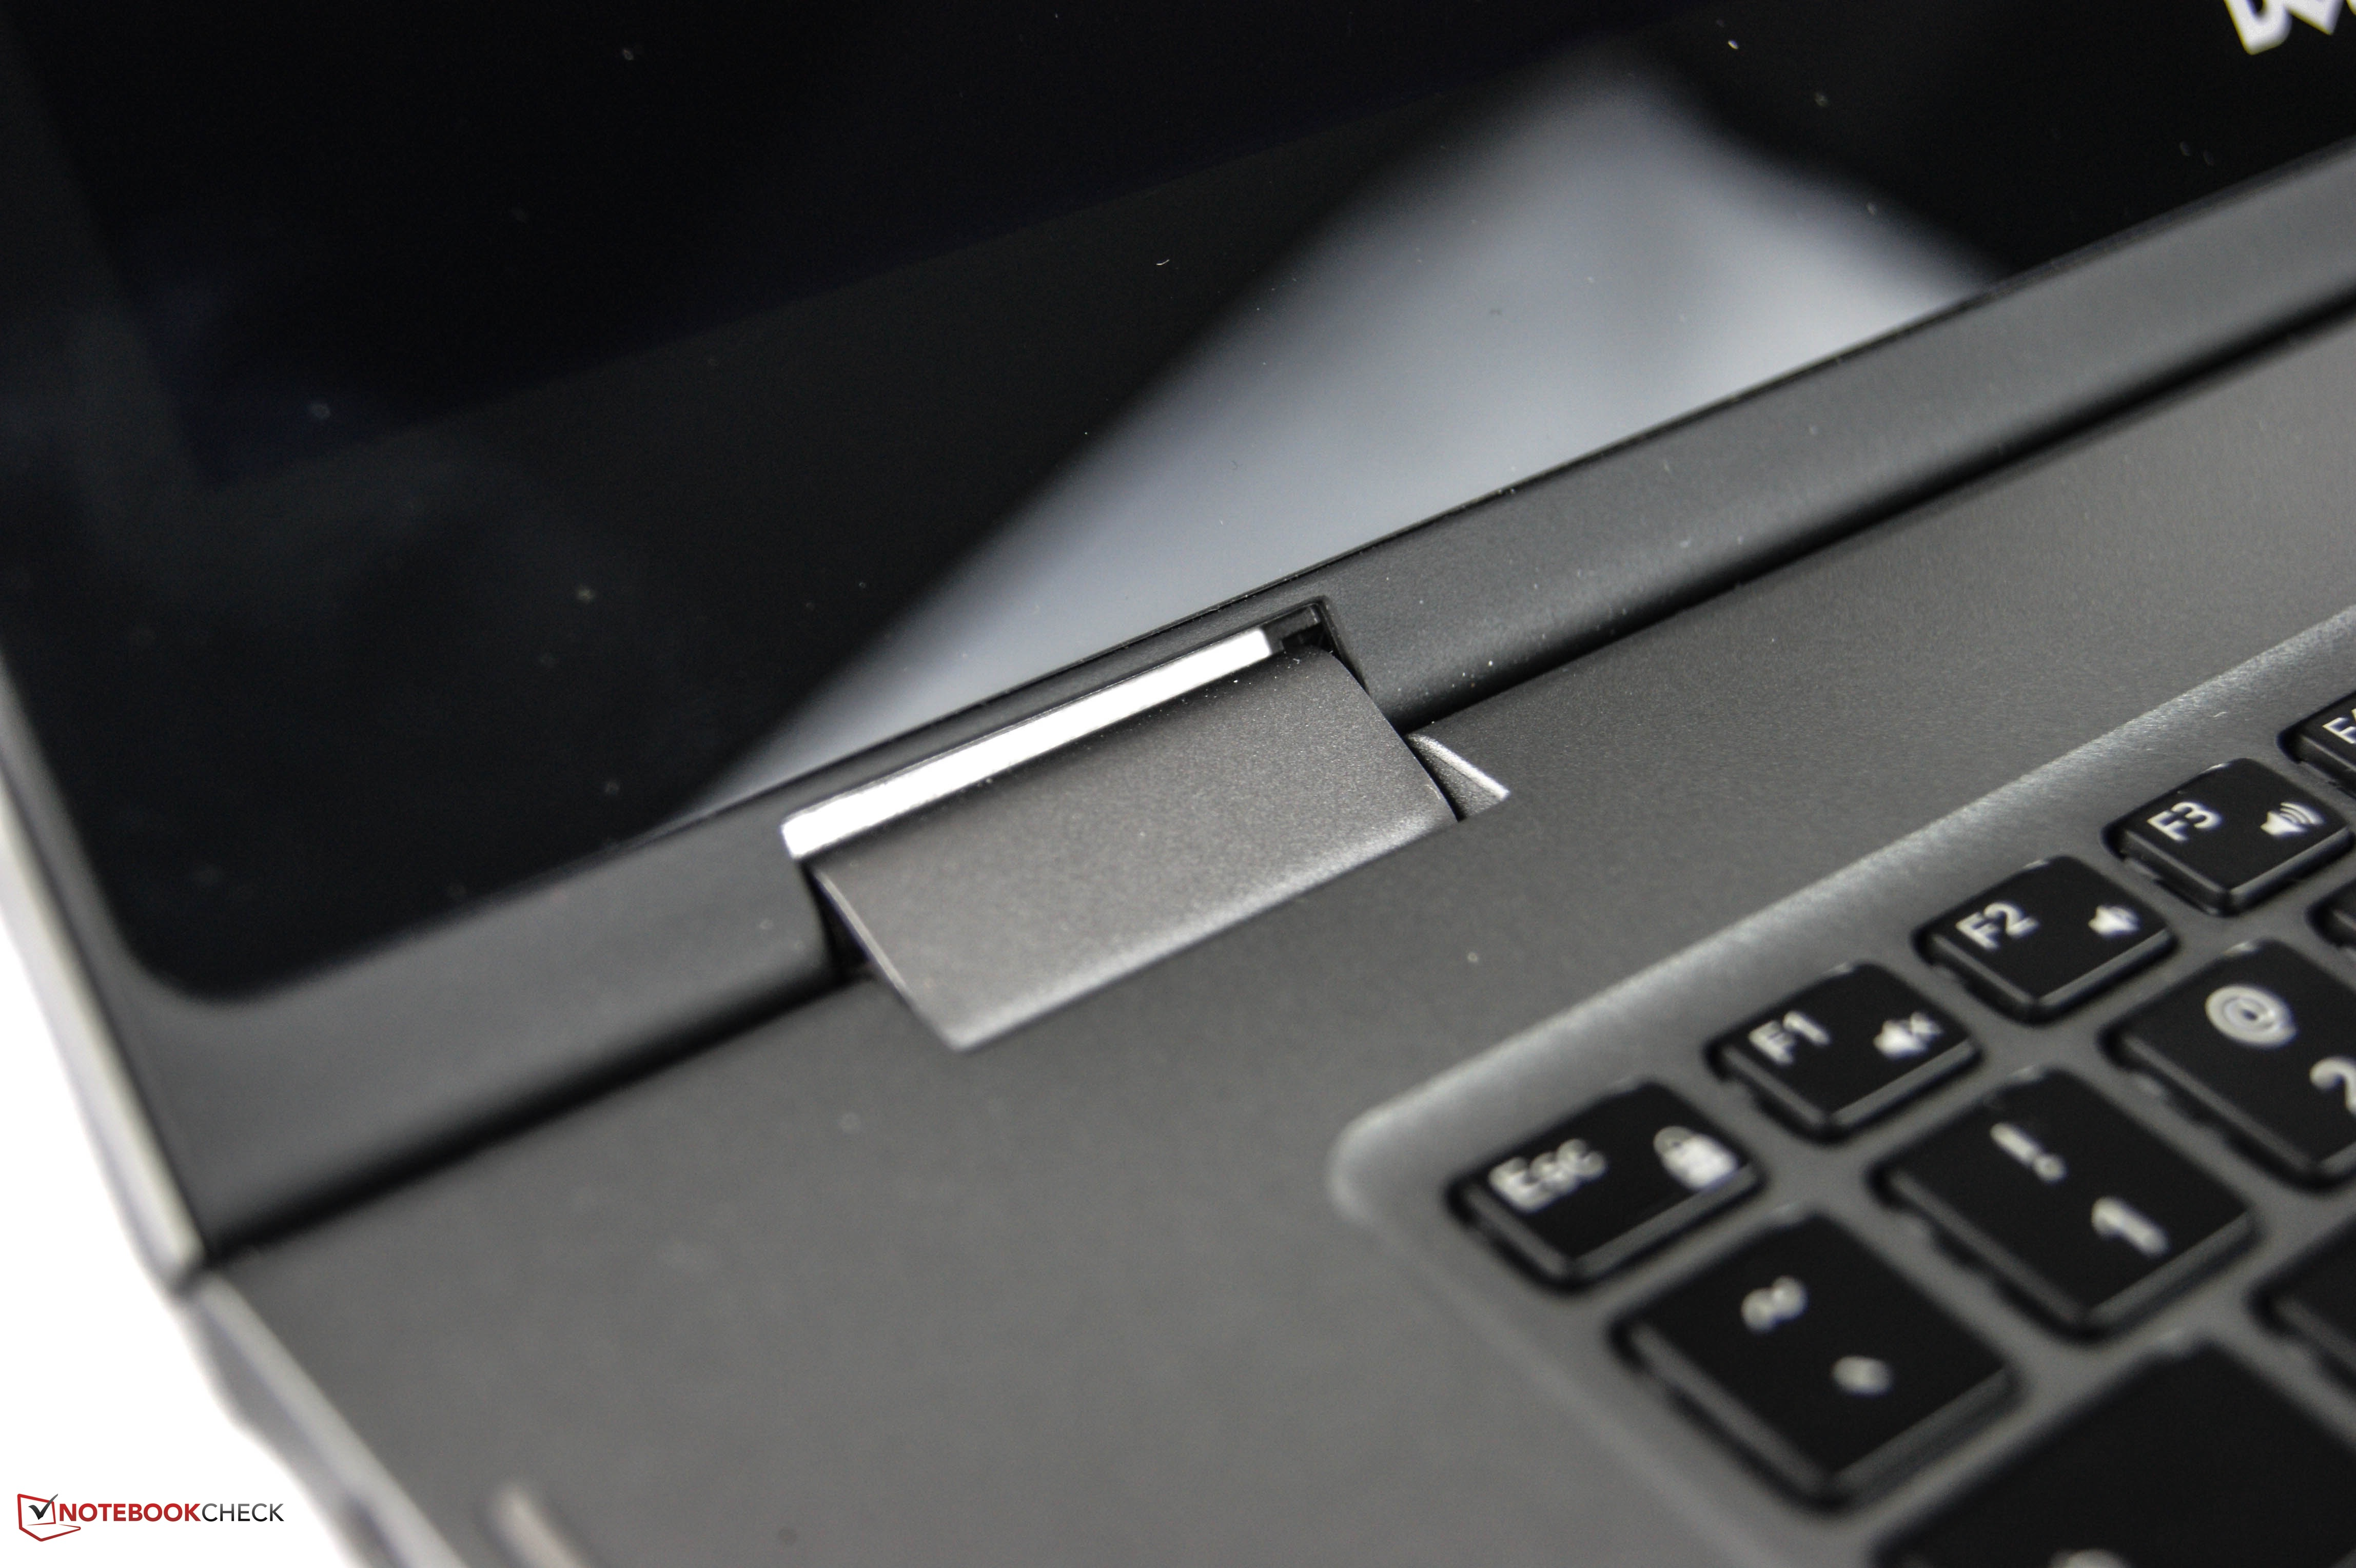 戴尔 Inspiron 15 5568 变形本简短评测 Notebookcheck